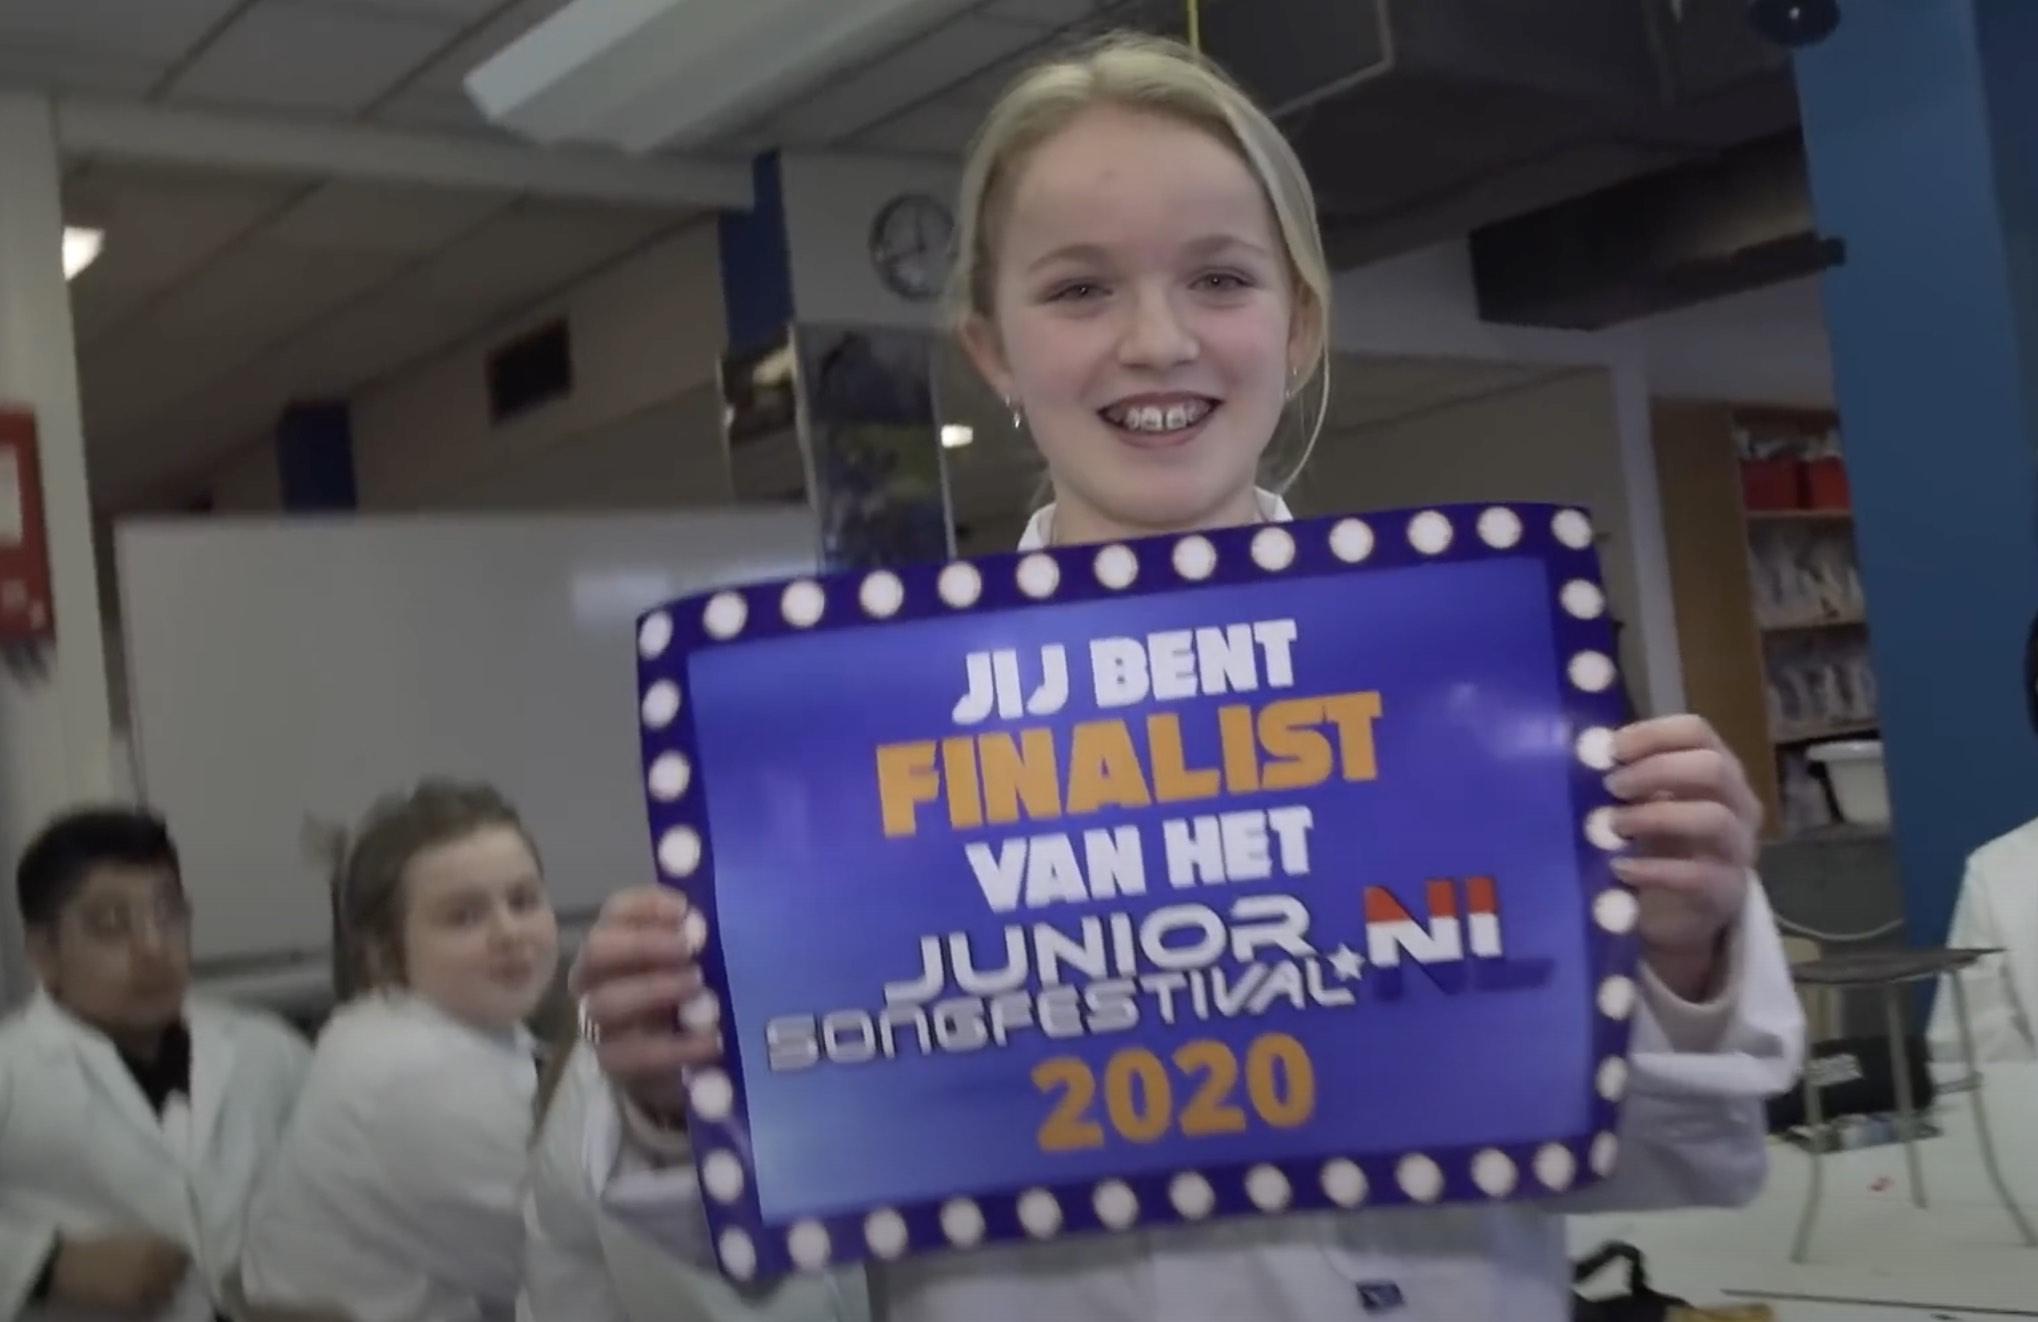 Maud Noordam naar finale Junior Songfestival